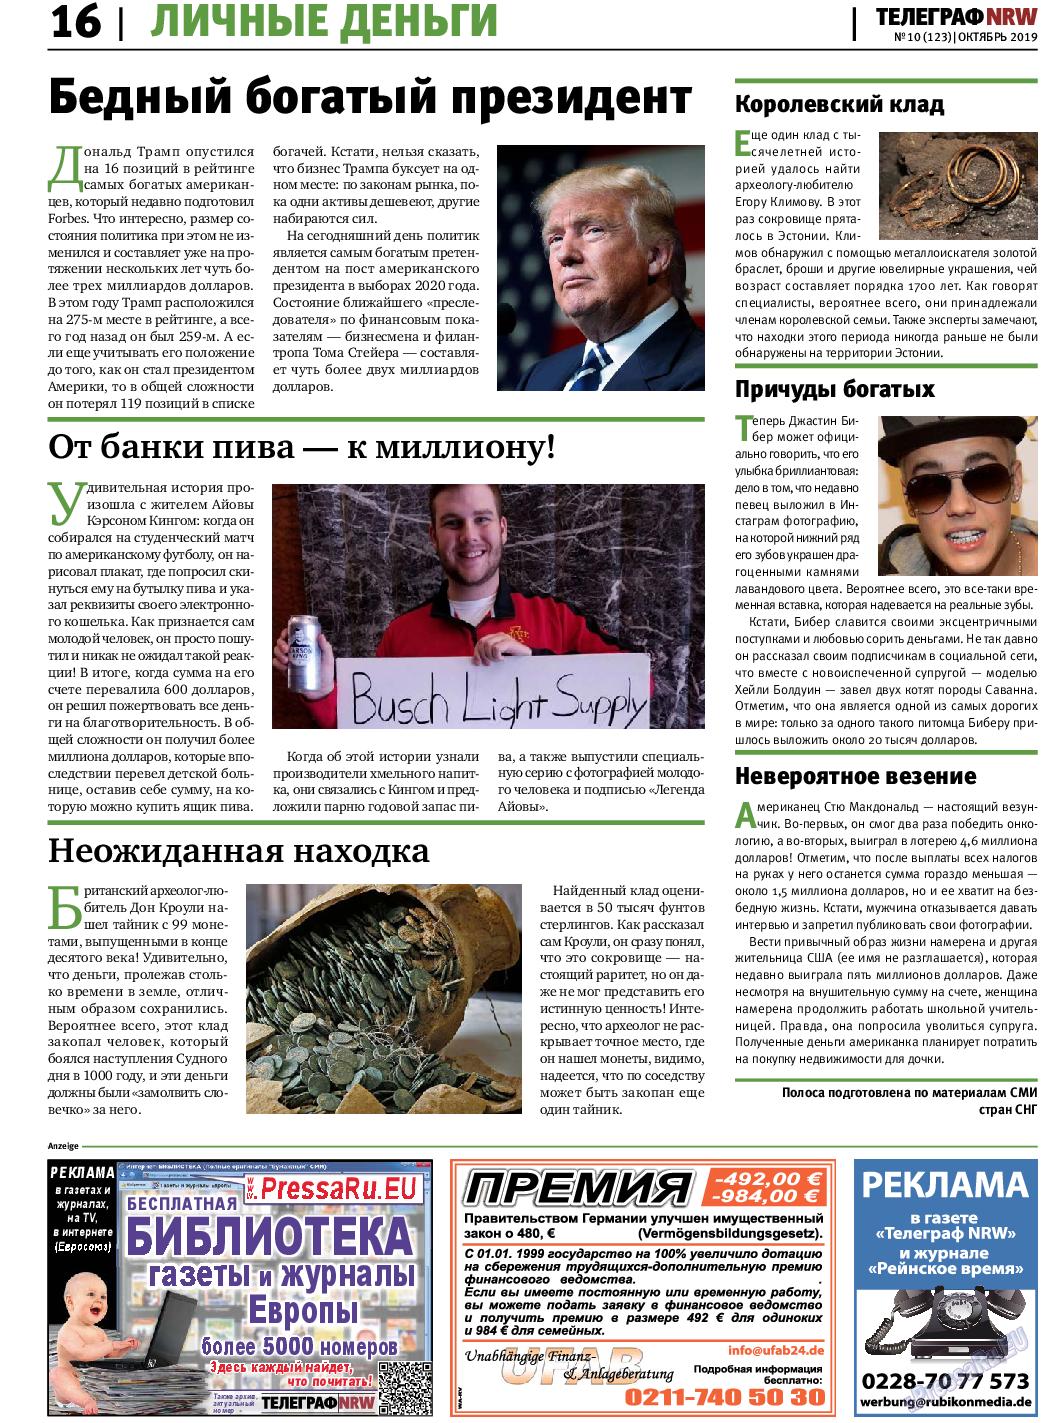 Телеграф NRW (газета). 2019 год, номер 10, стр. 16